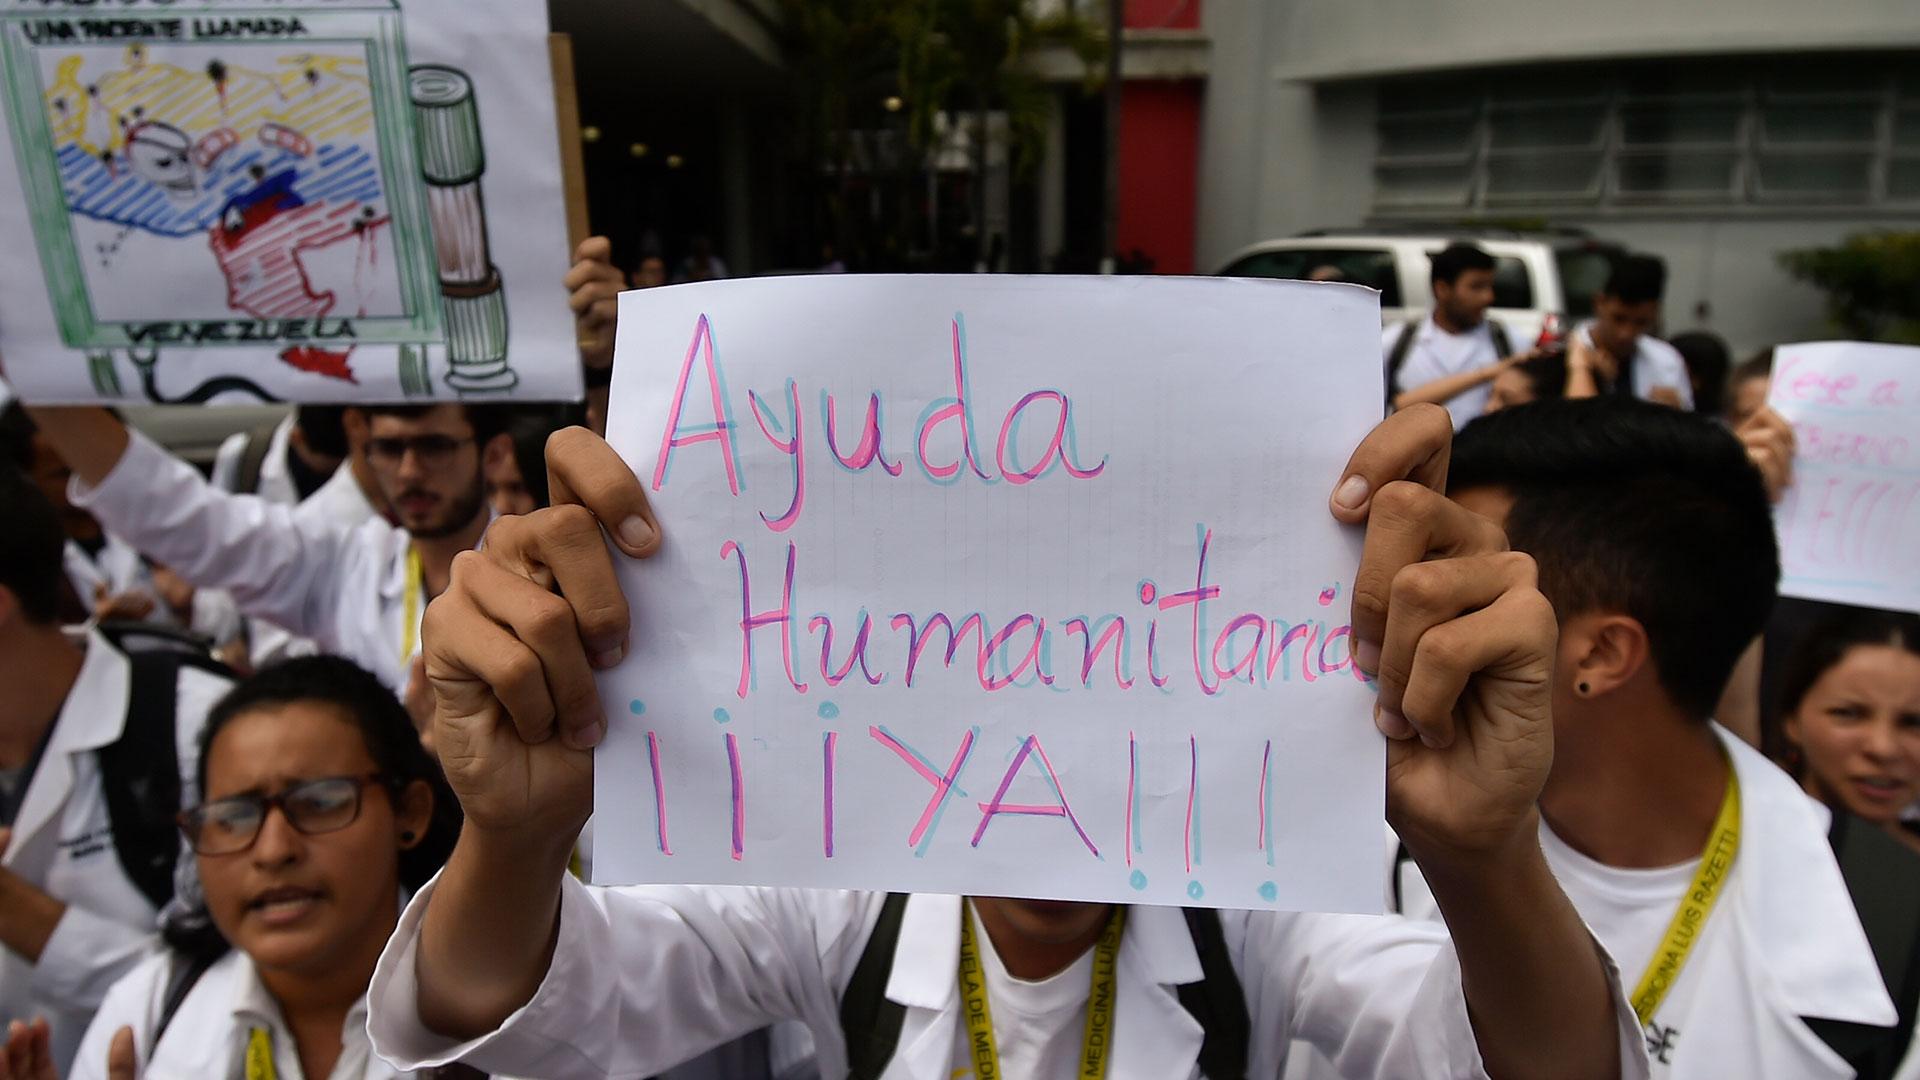 Una de las protestas en la que la gente reclama la llegada de ayuda humanitaria (AFP)